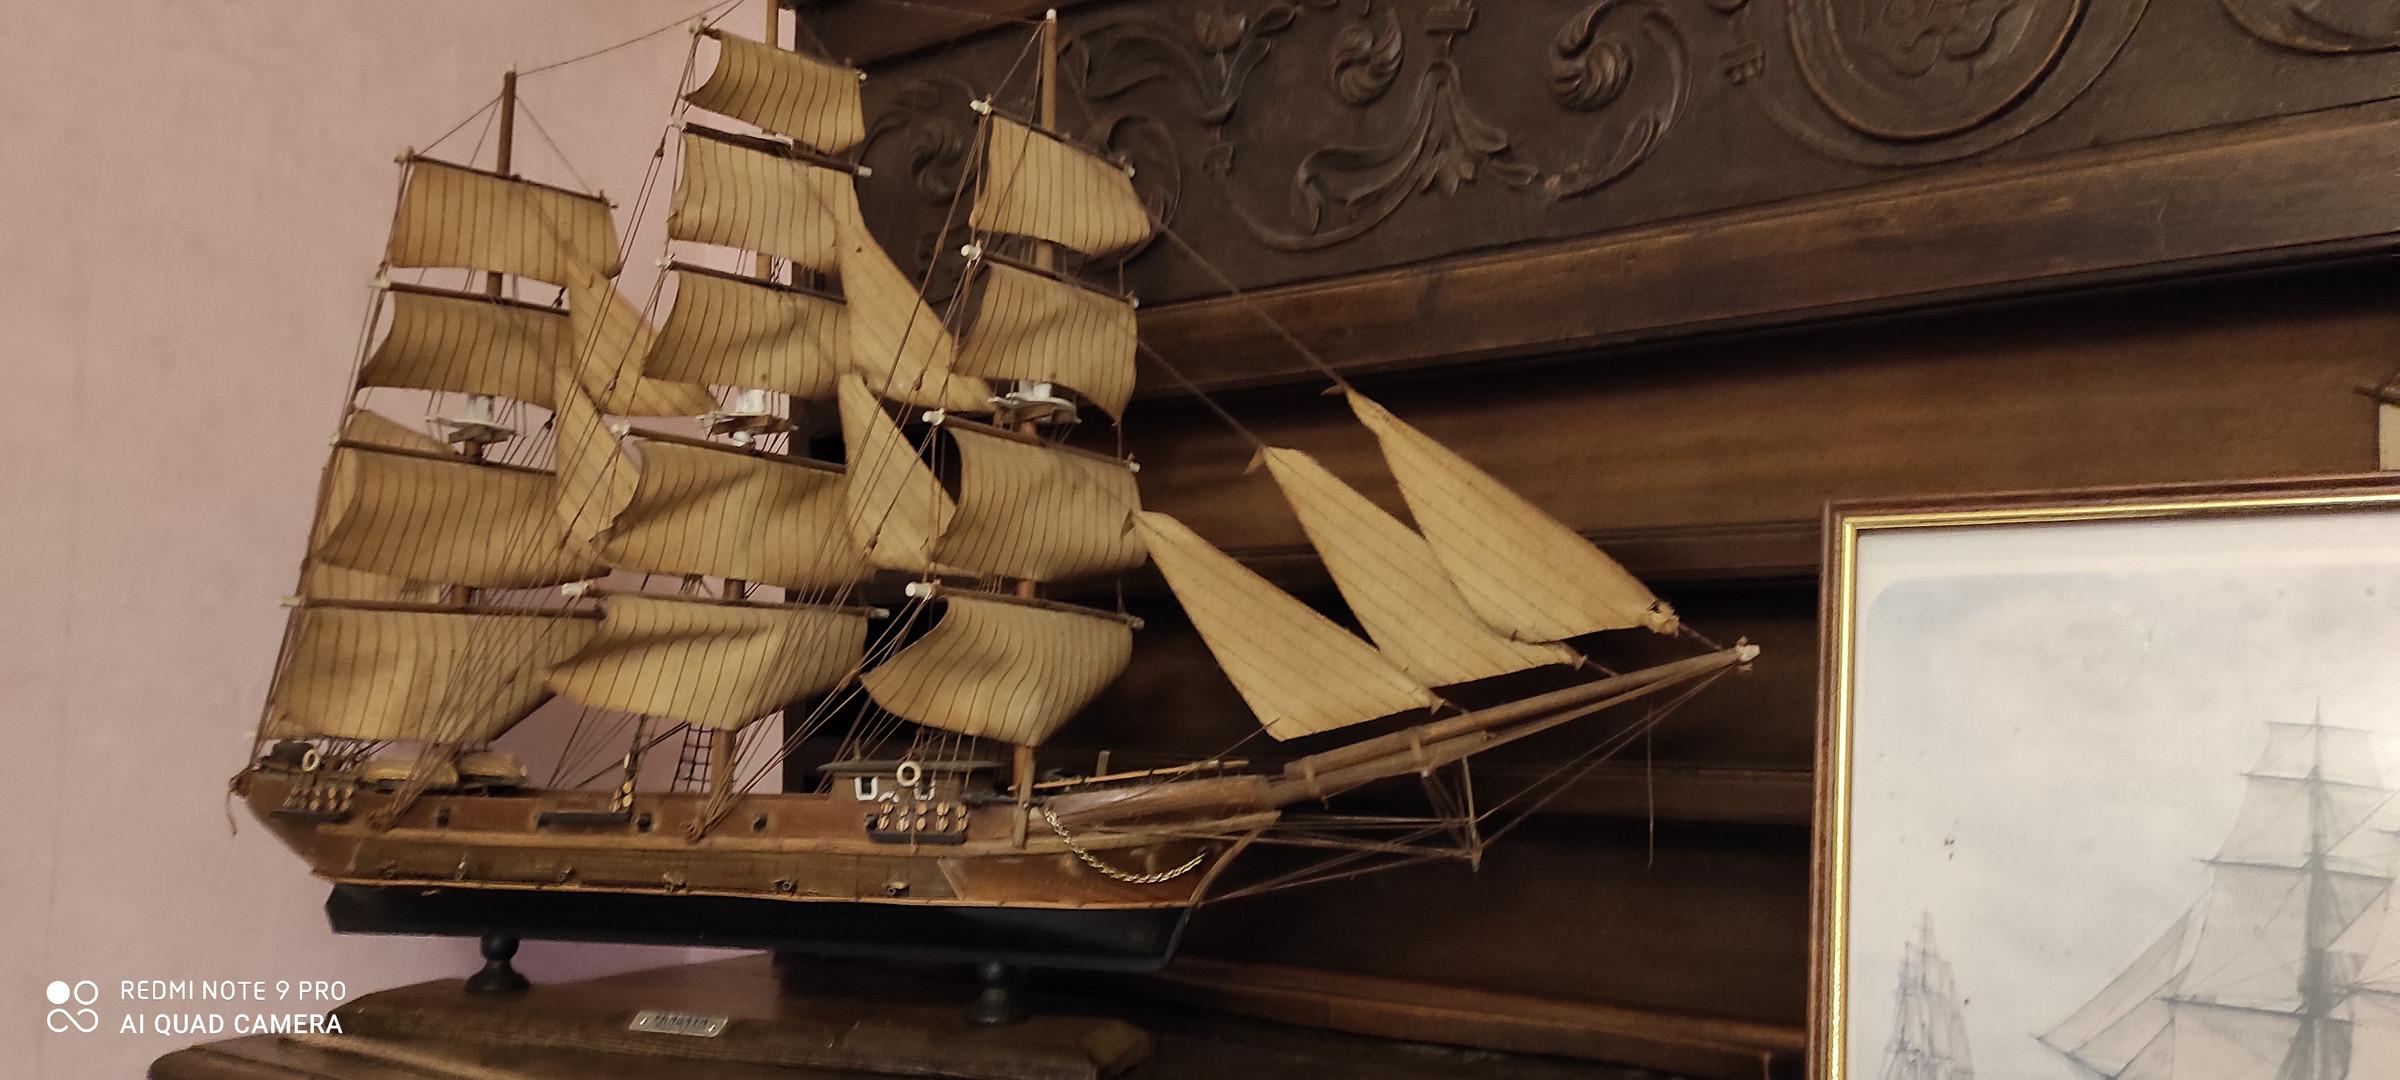 Flotte de guerre Espagnole